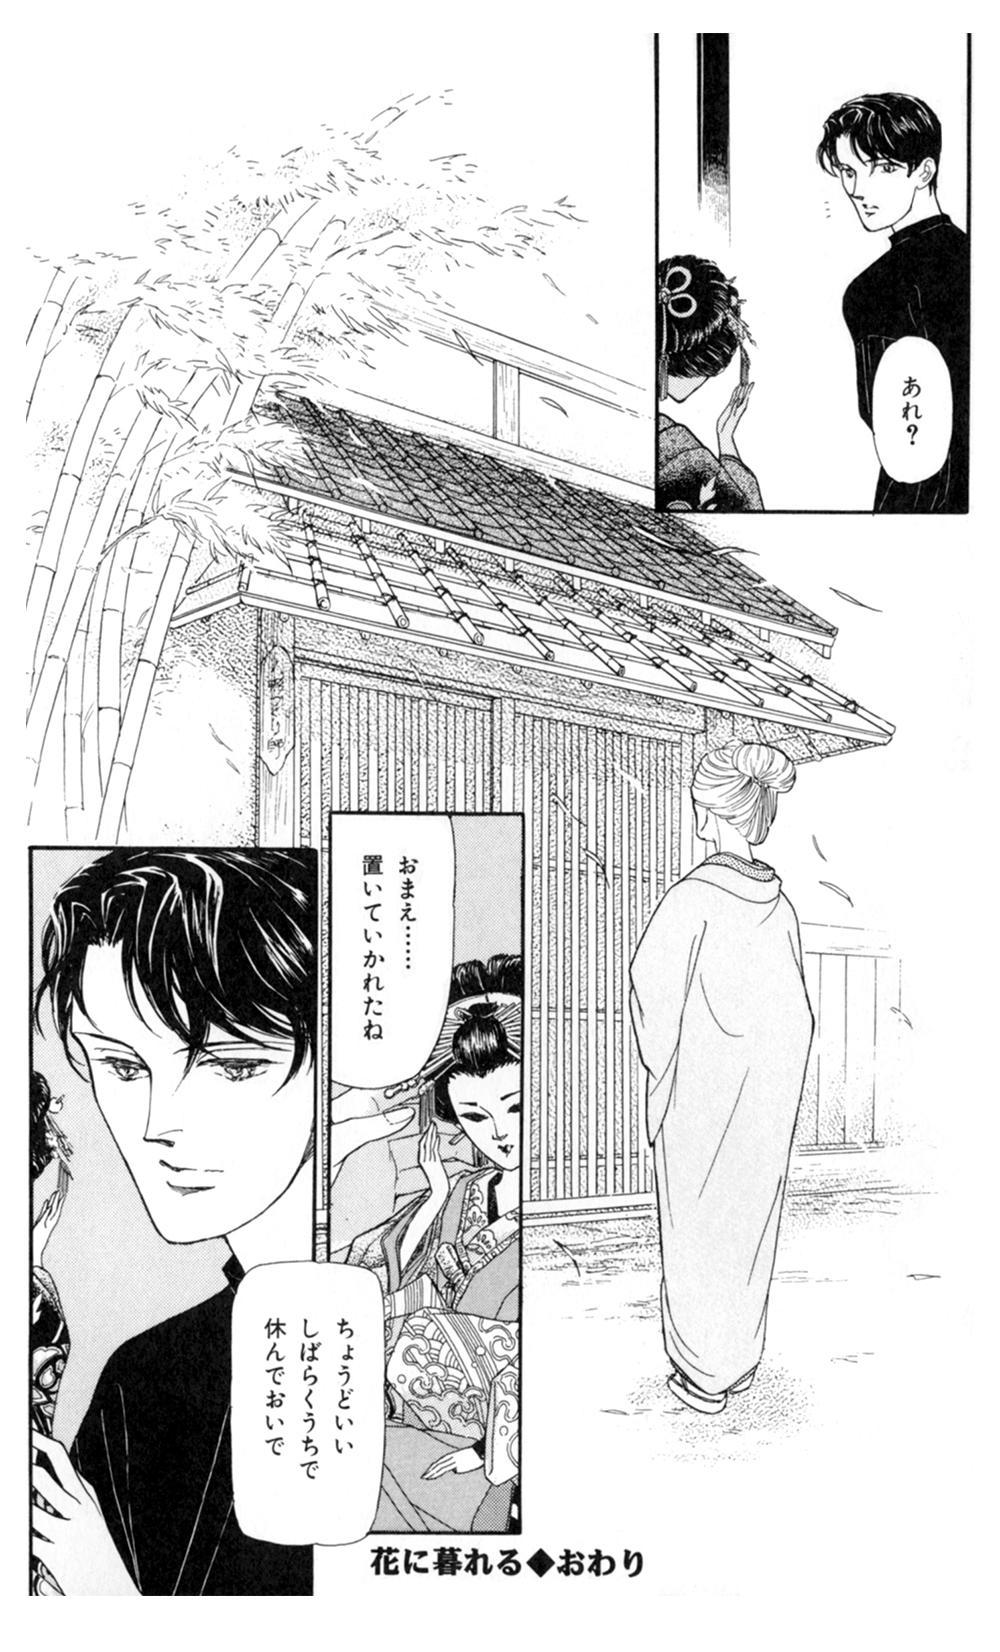 雨柳堂夢咄 第5話「花に暮れる」2uryudo-02-144.jpg